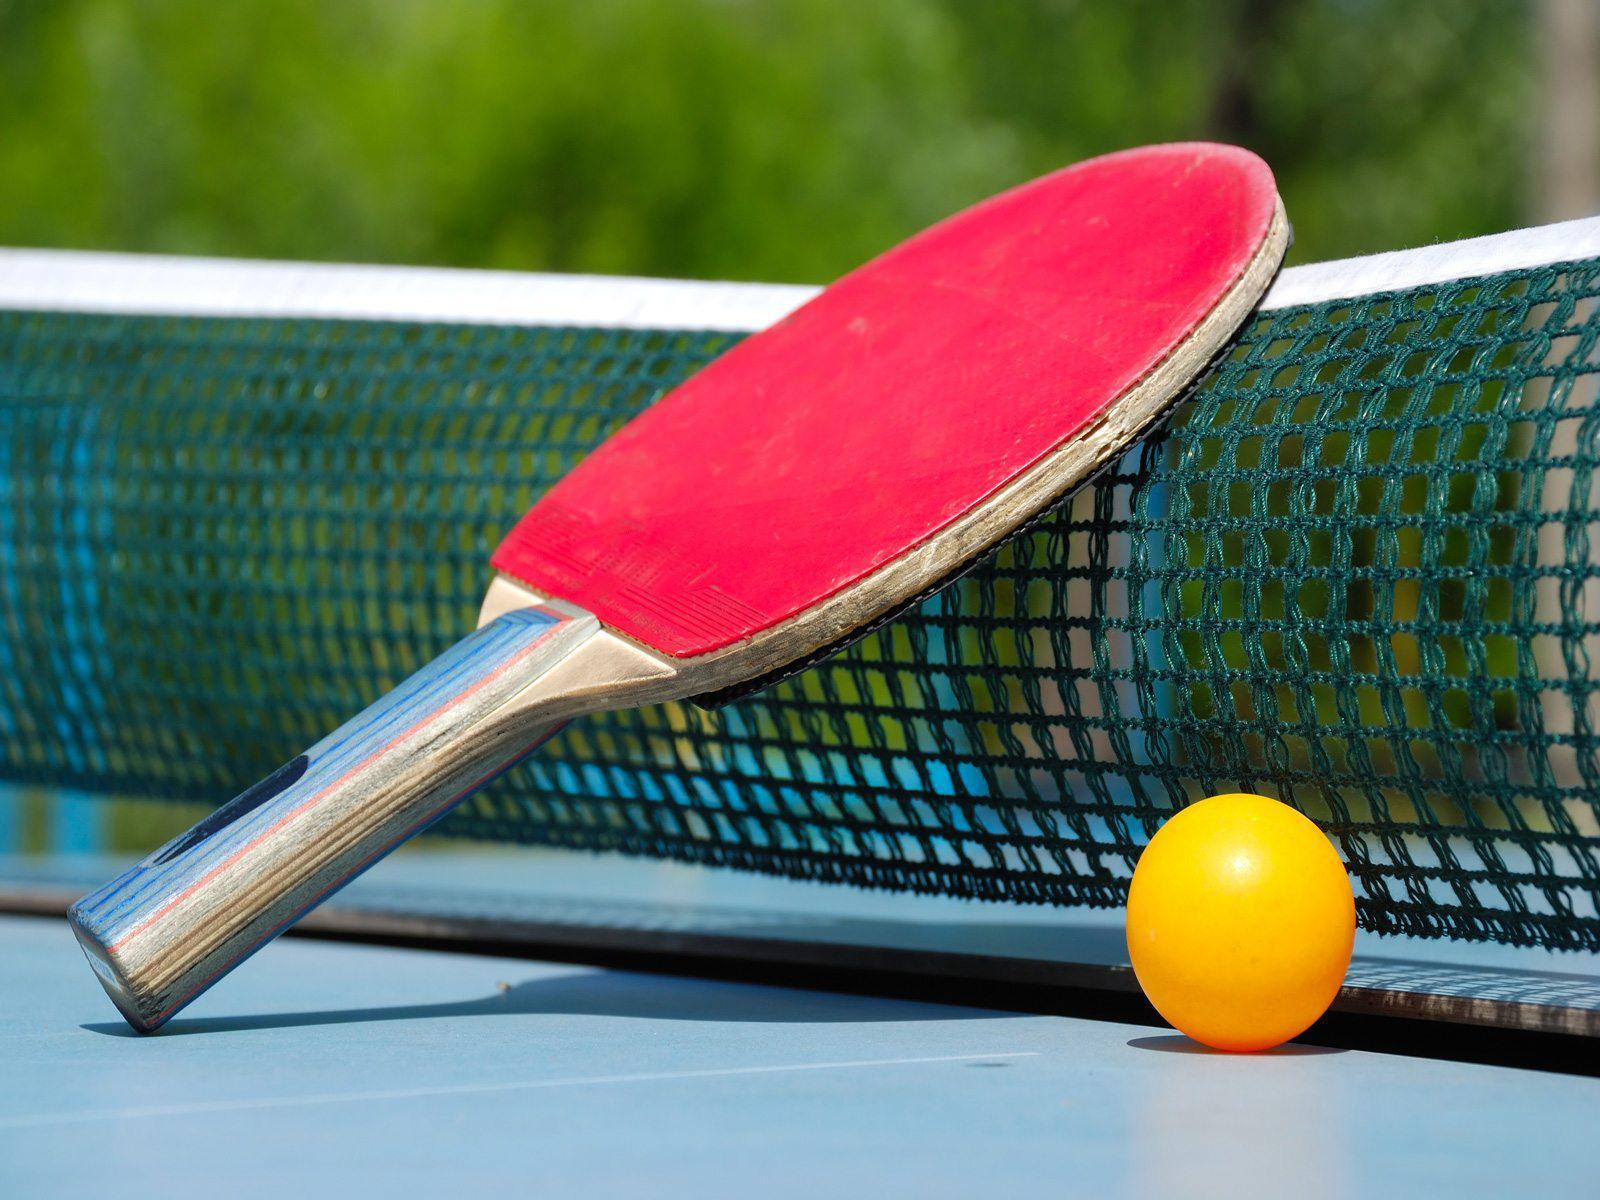 картинки настольный теннис для рабочего стола ухода растение требует